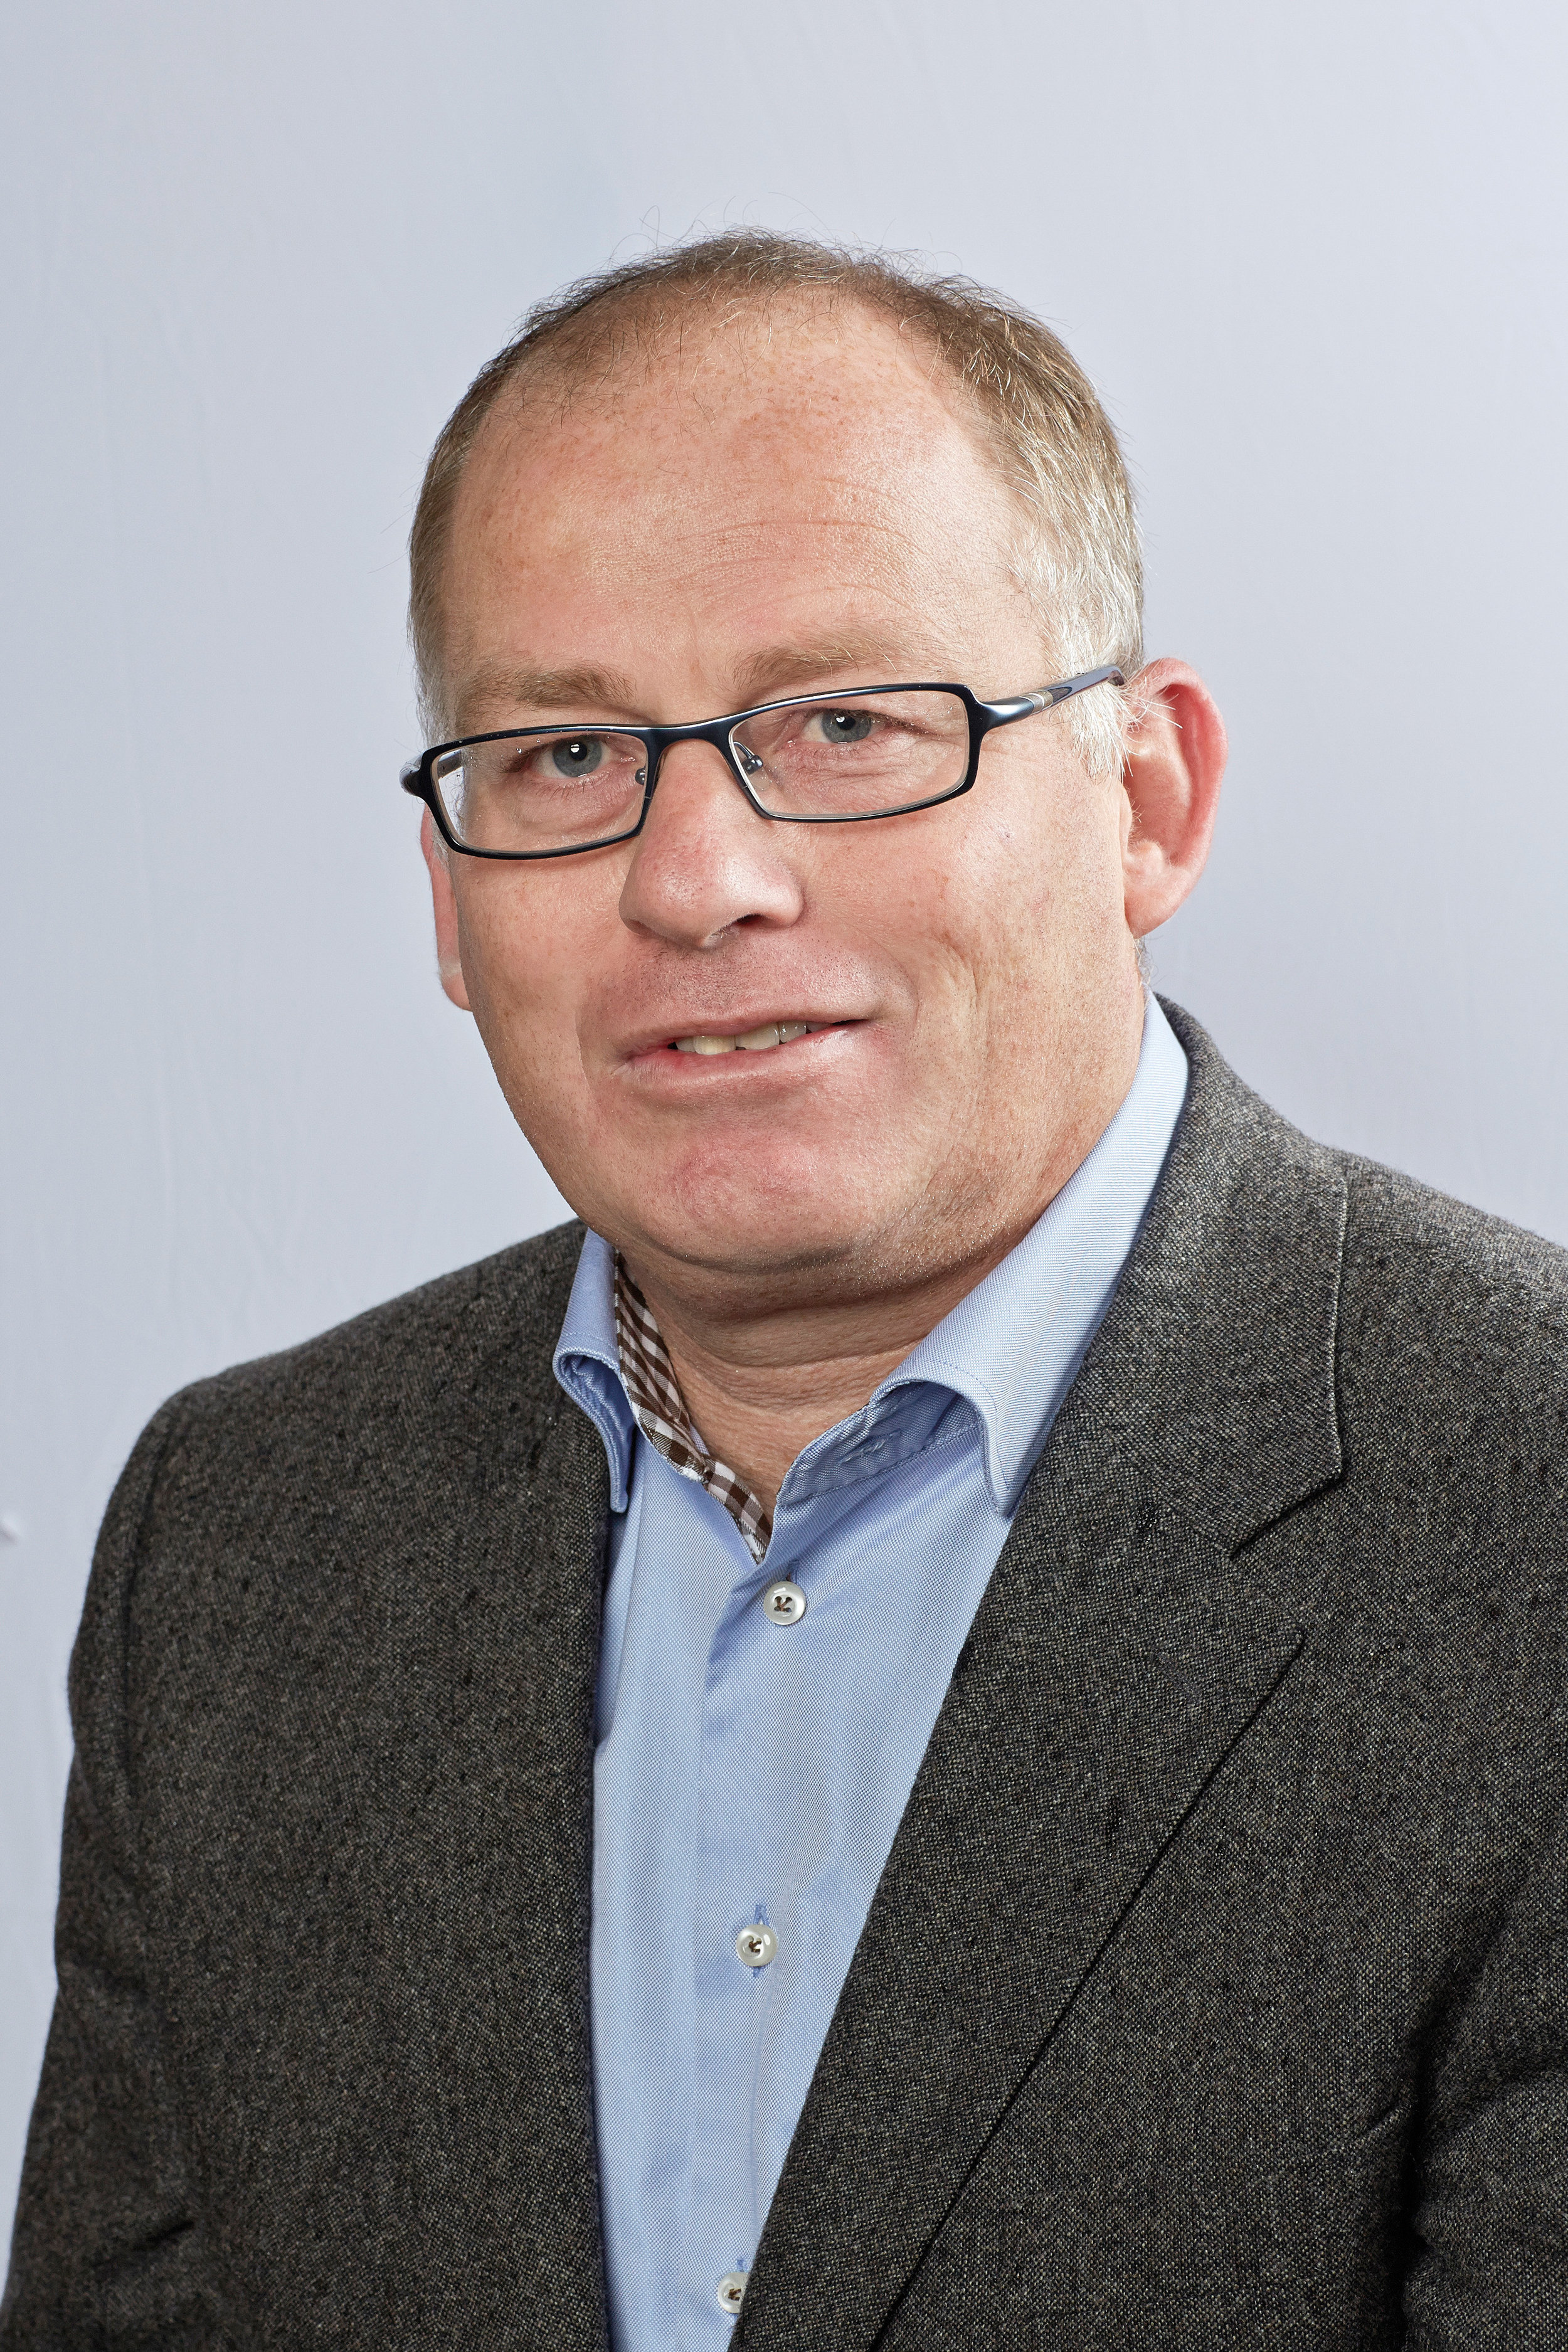 Ward van der Venne